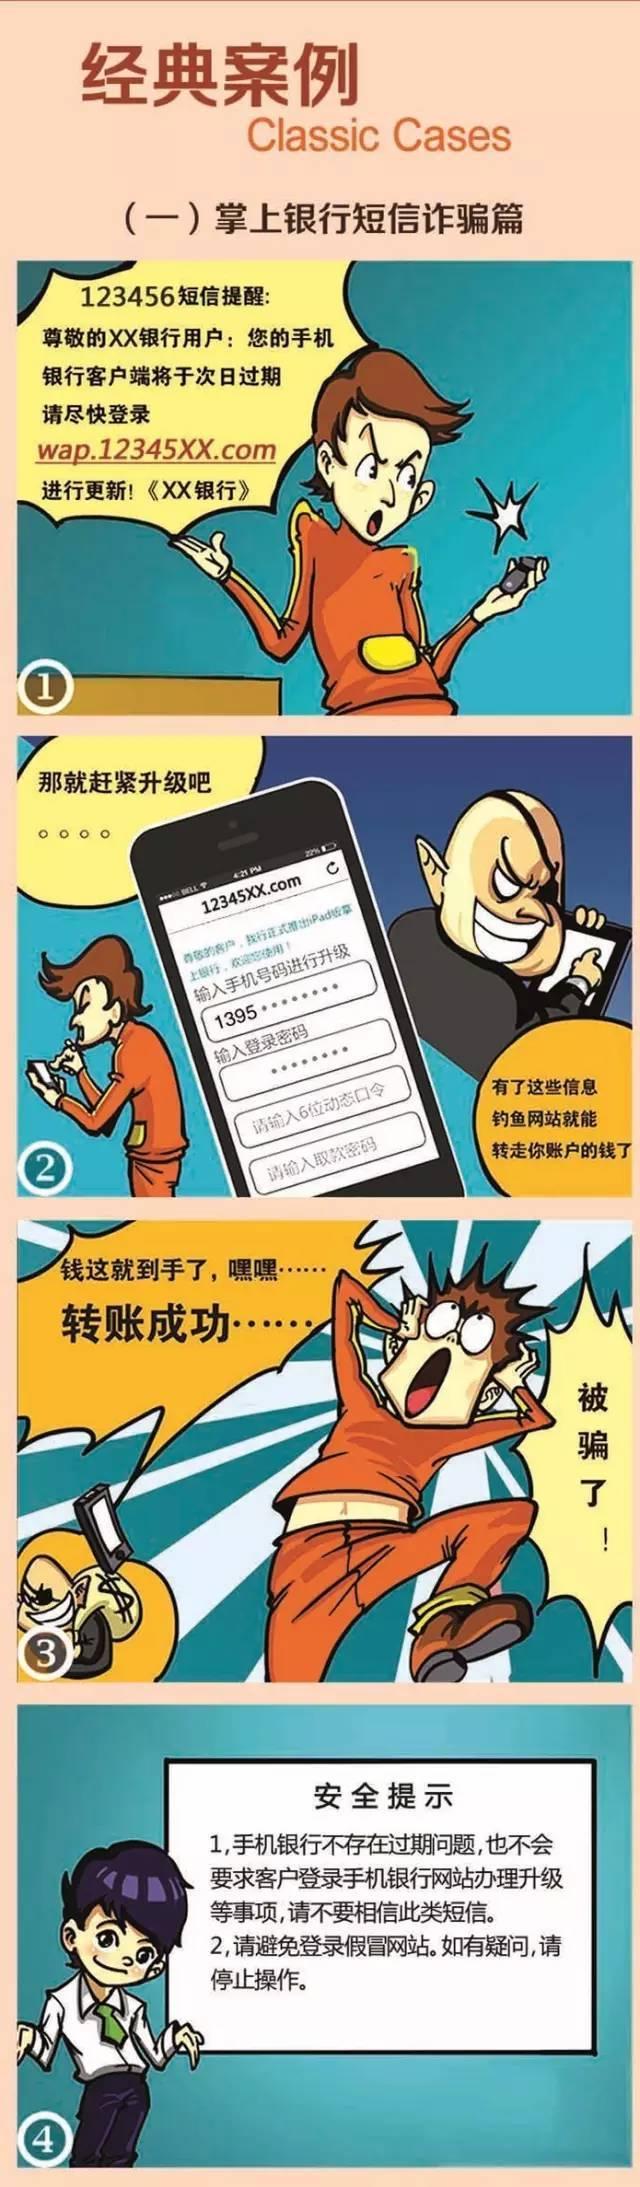 【网络安全宣传周】金融网络安全知识宣传